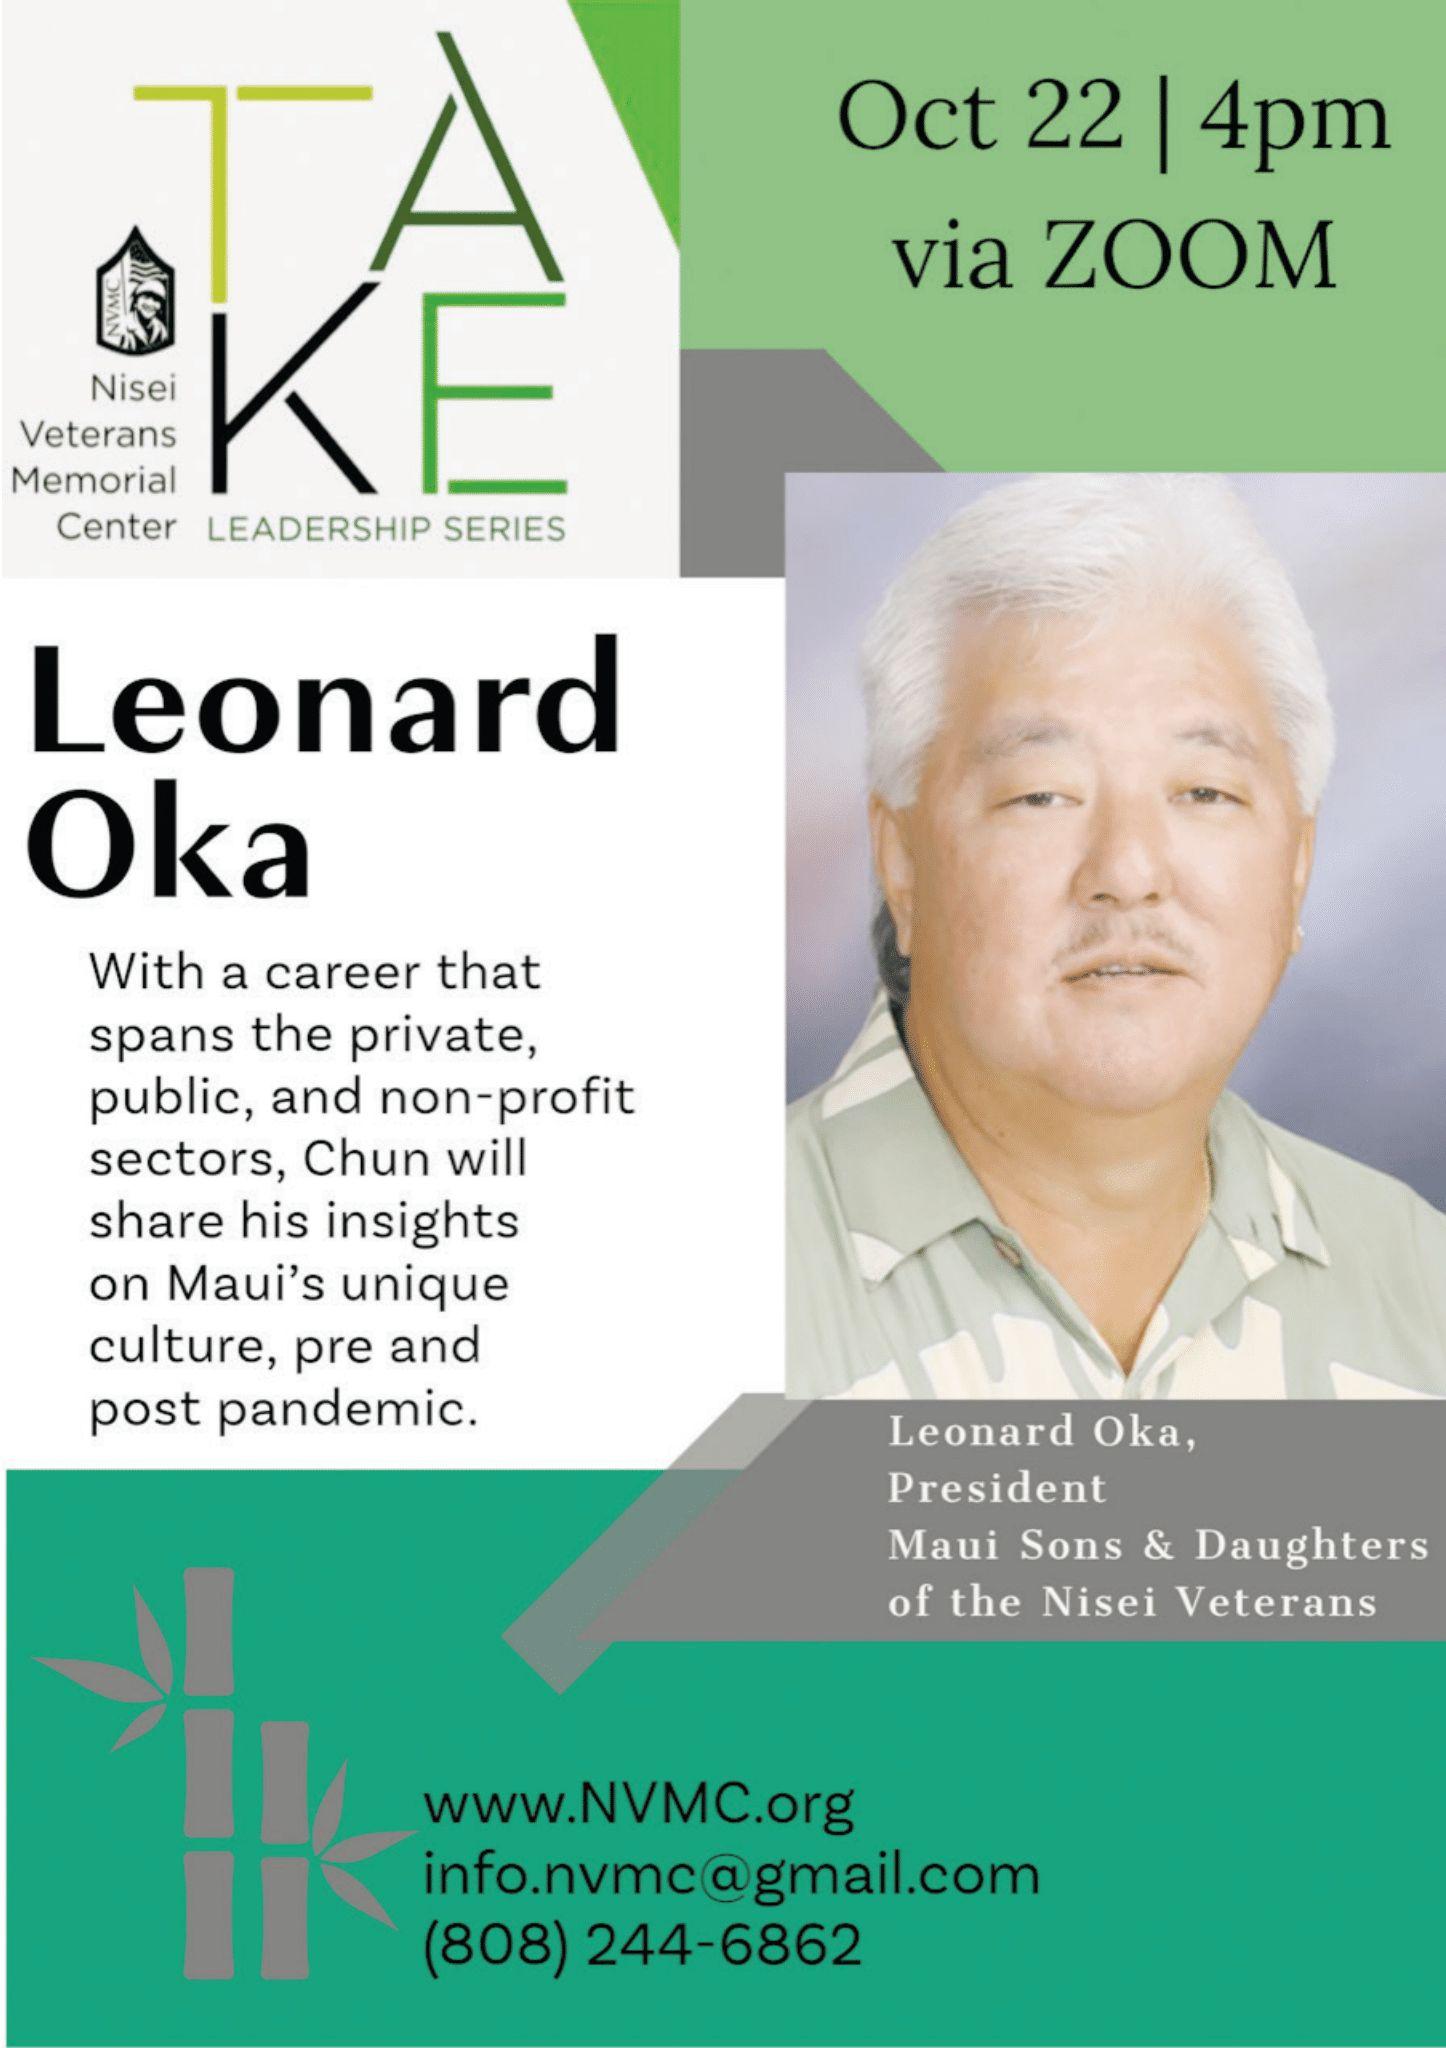 Take Leadership Series - Leonard Oka